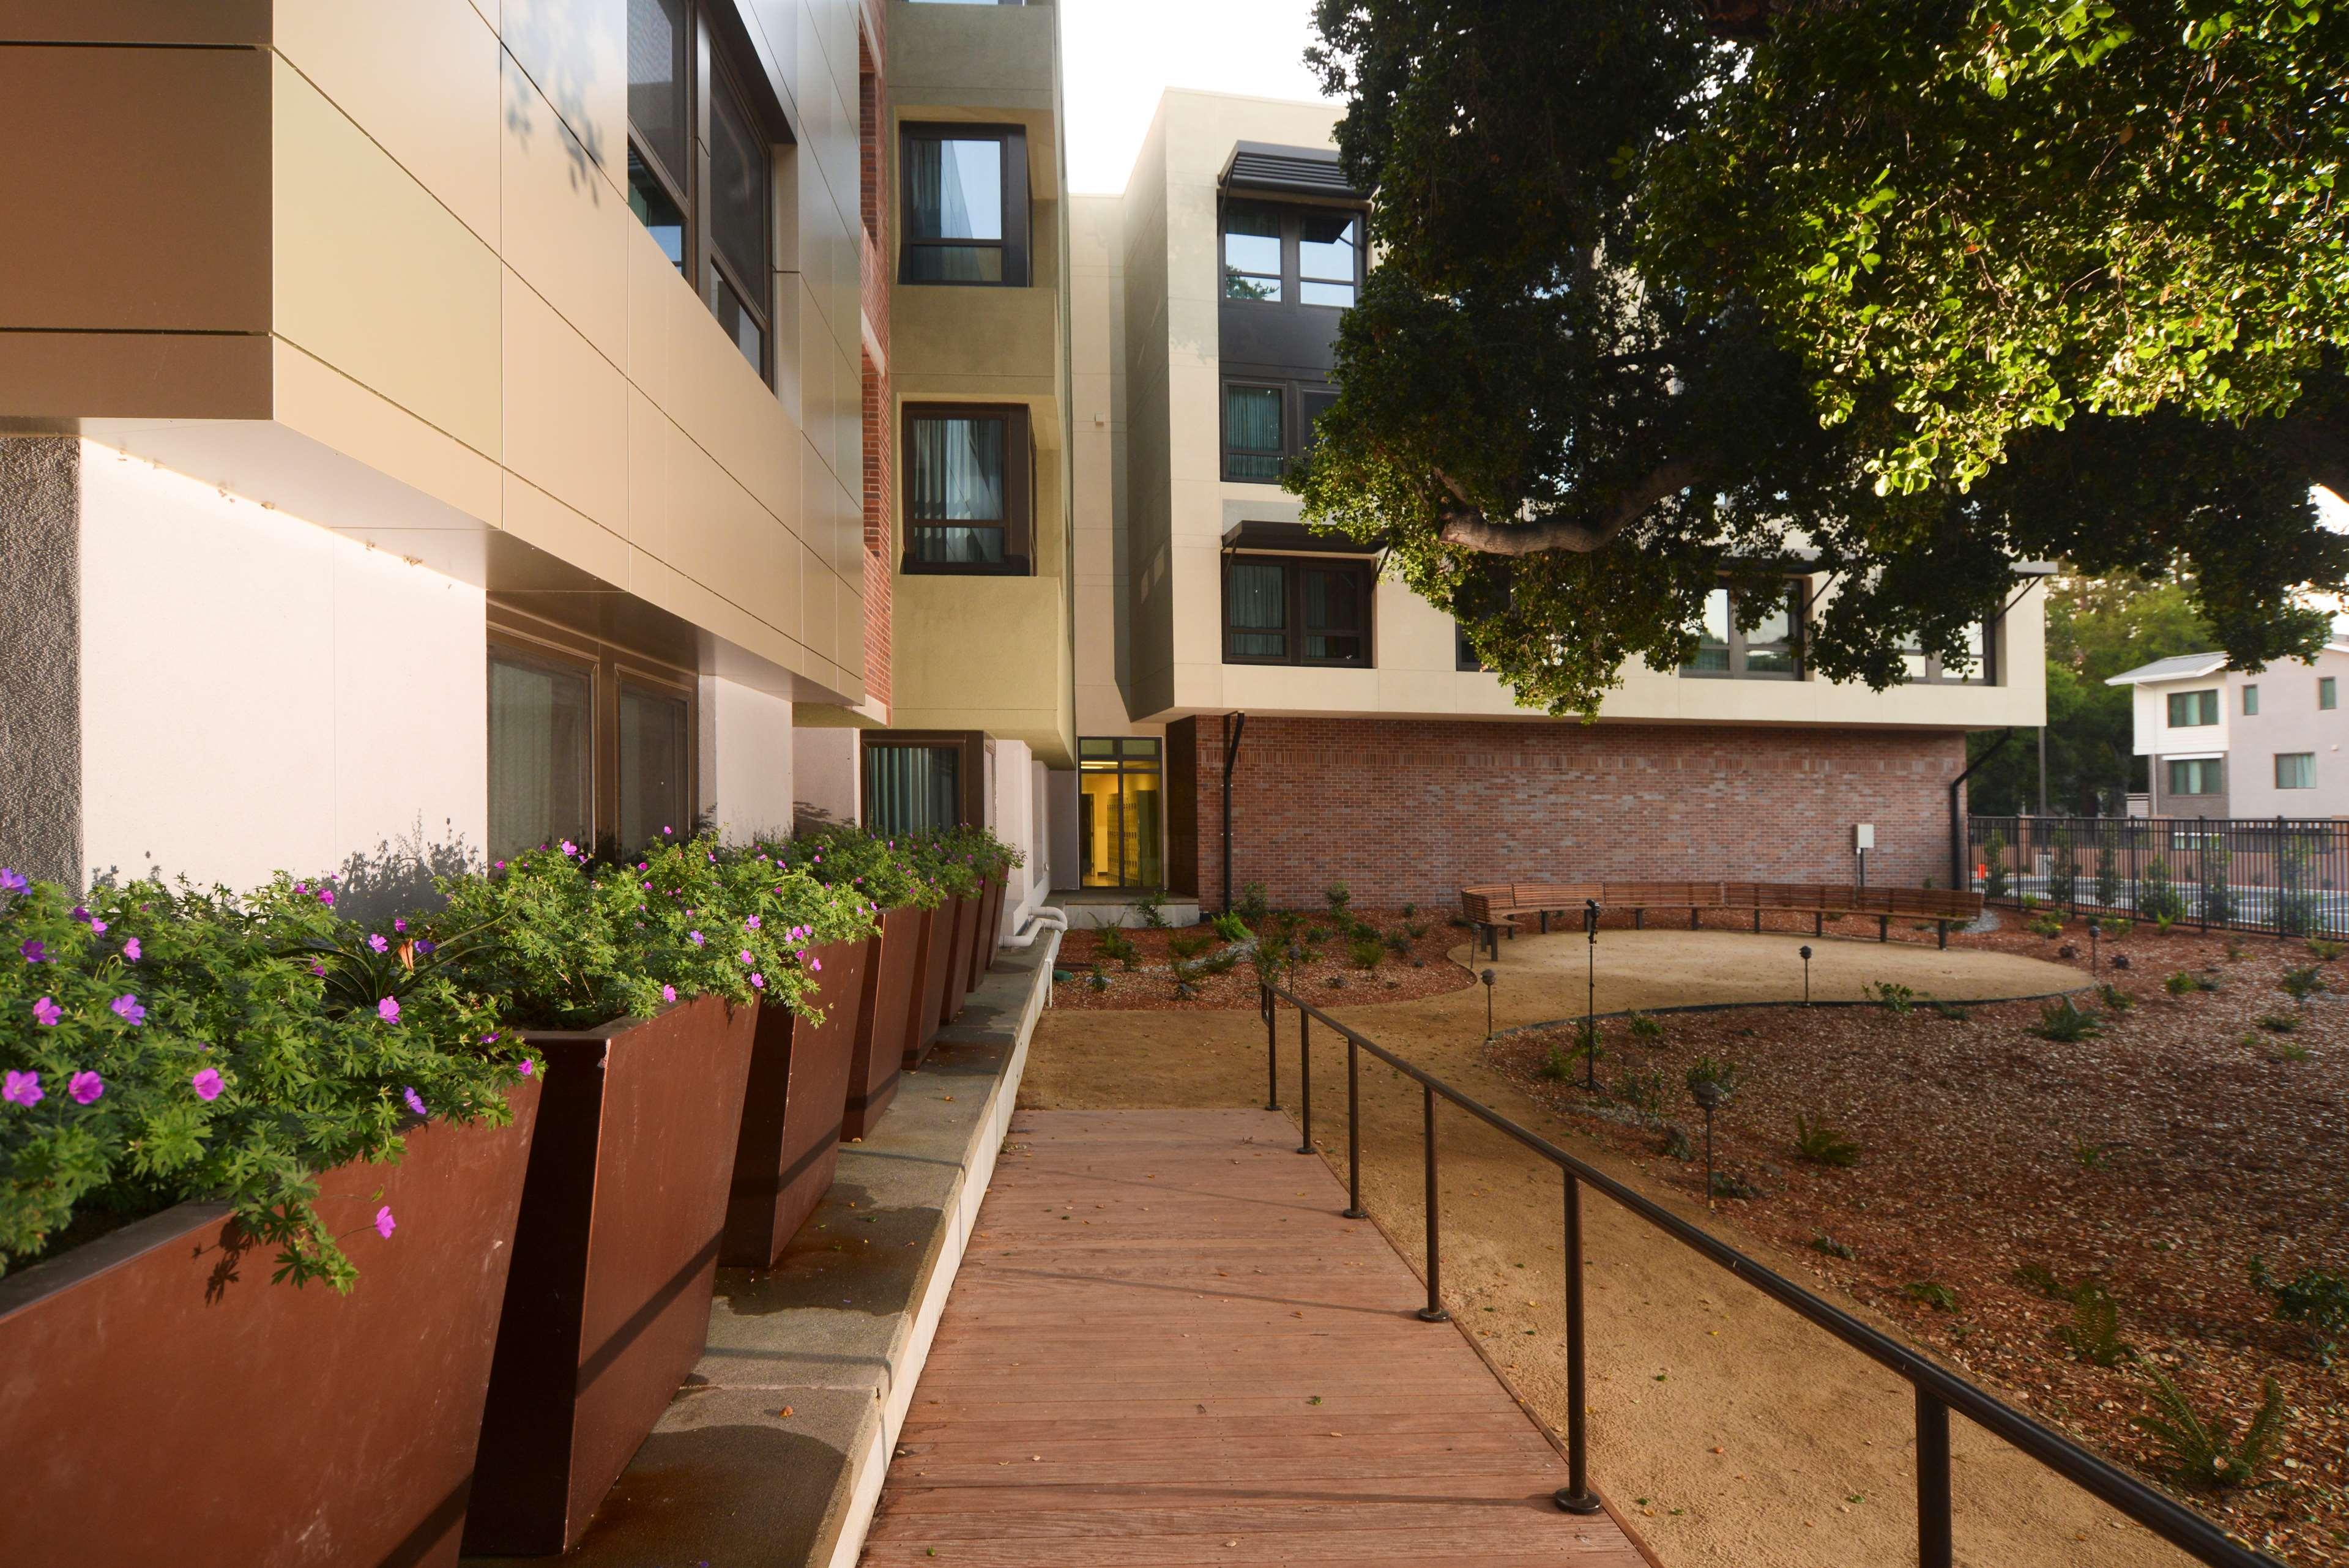 Homewood Suites by Hilton Palo Alto image 3